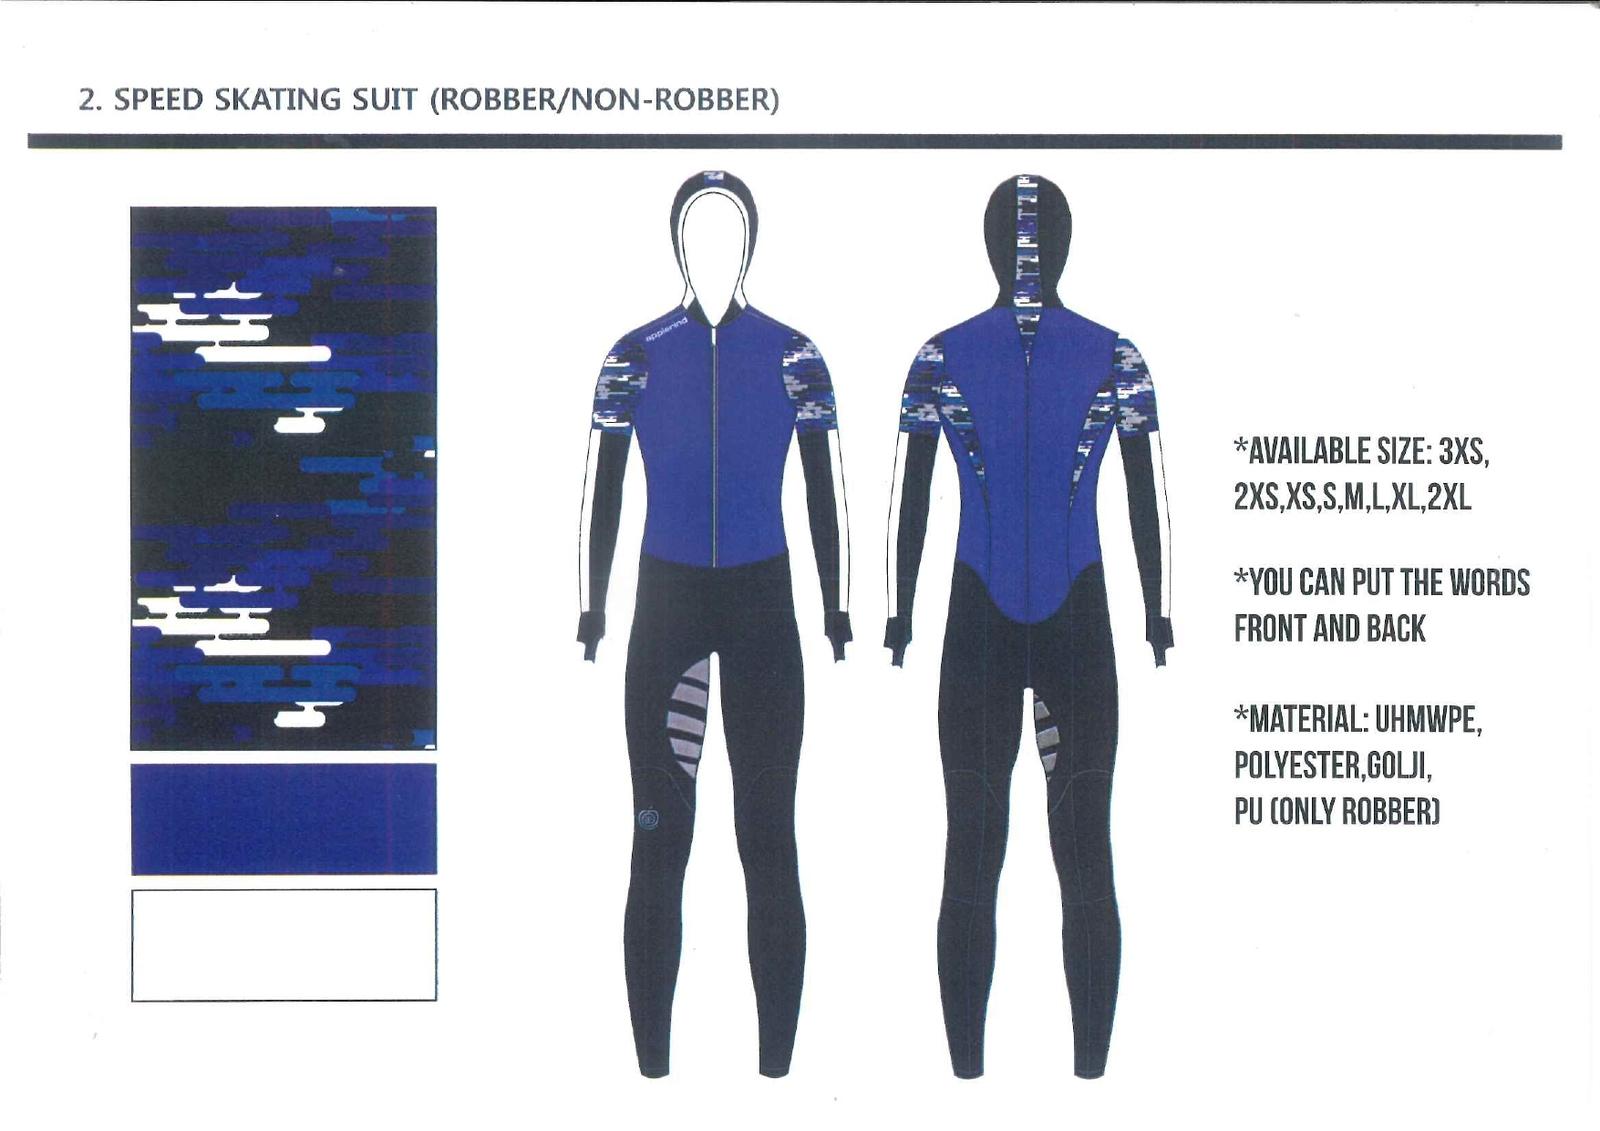 予約販売 スピードスケート ワンピース レーシングスーツ アプルラインド ネイビーブルー×ホワイト 伸縮性抜群 長峰スポーツ